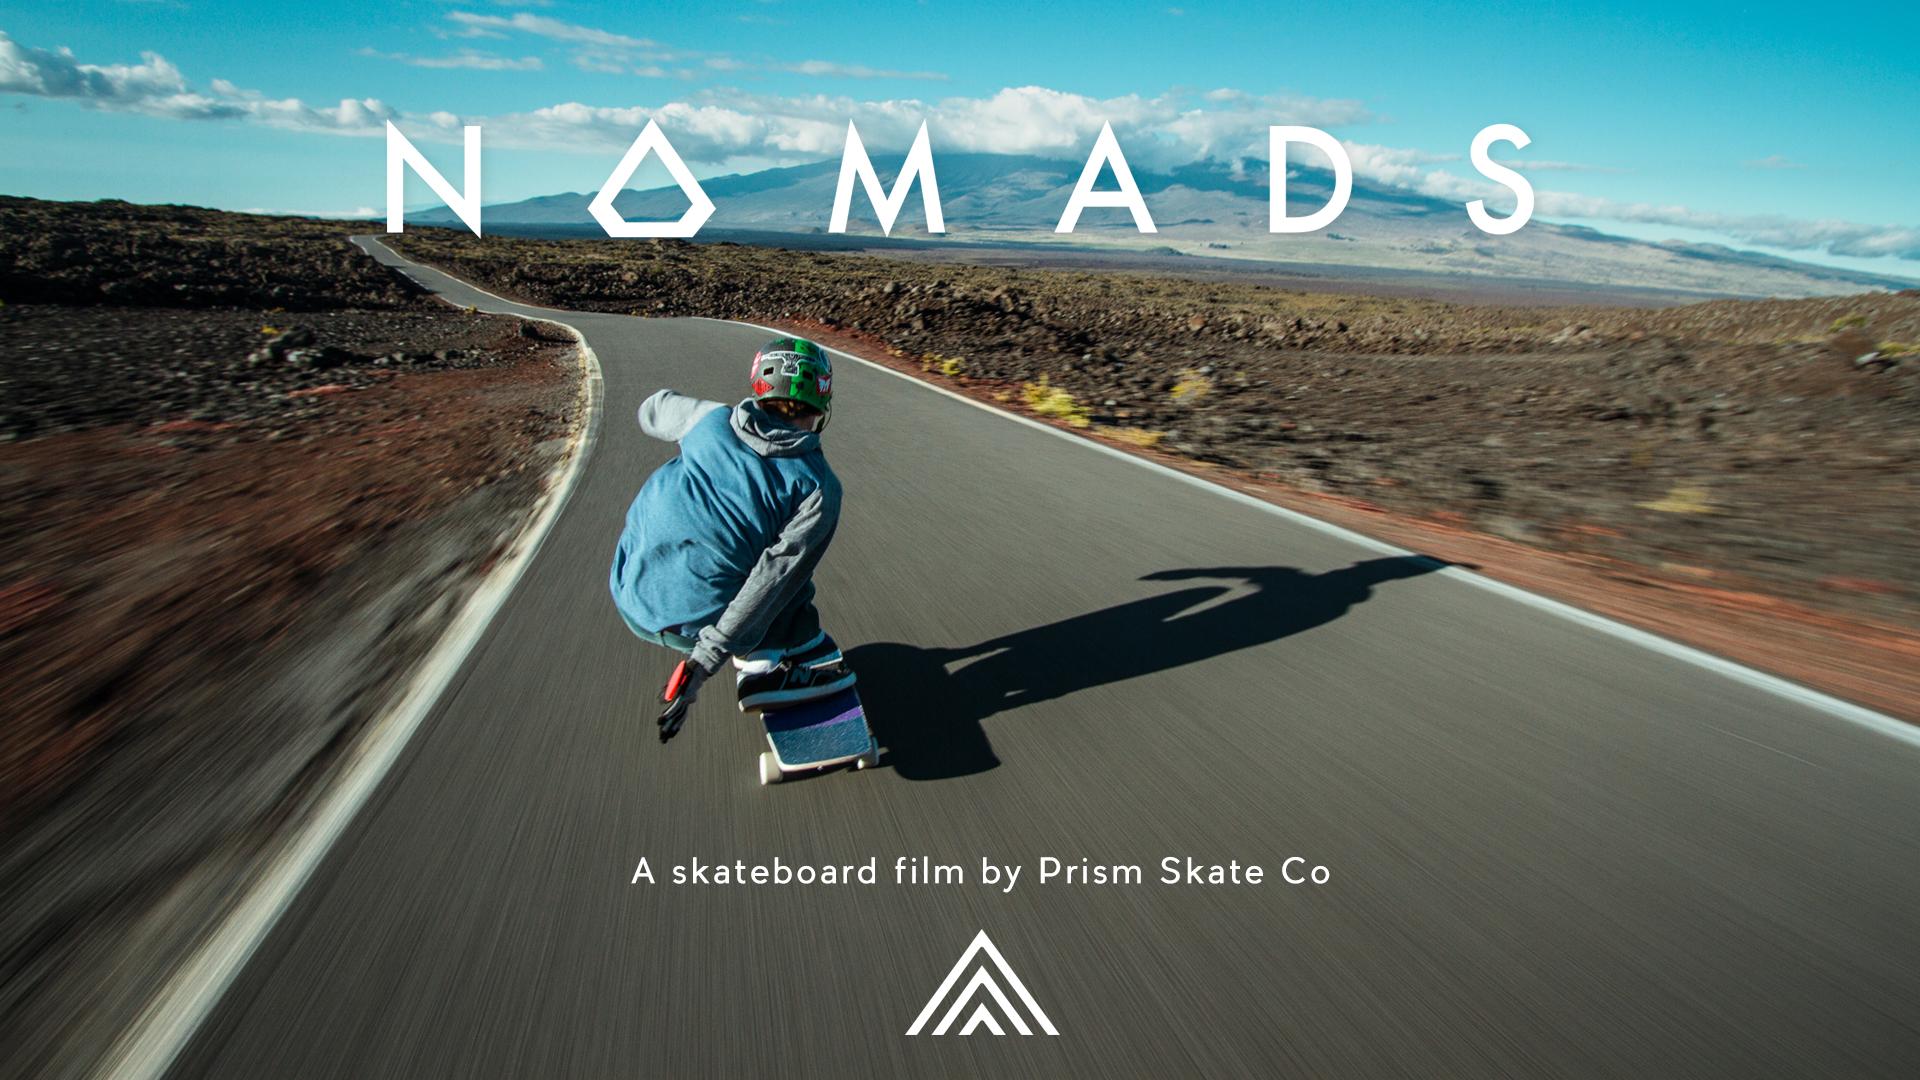 Prism Skate Co. - Nomads